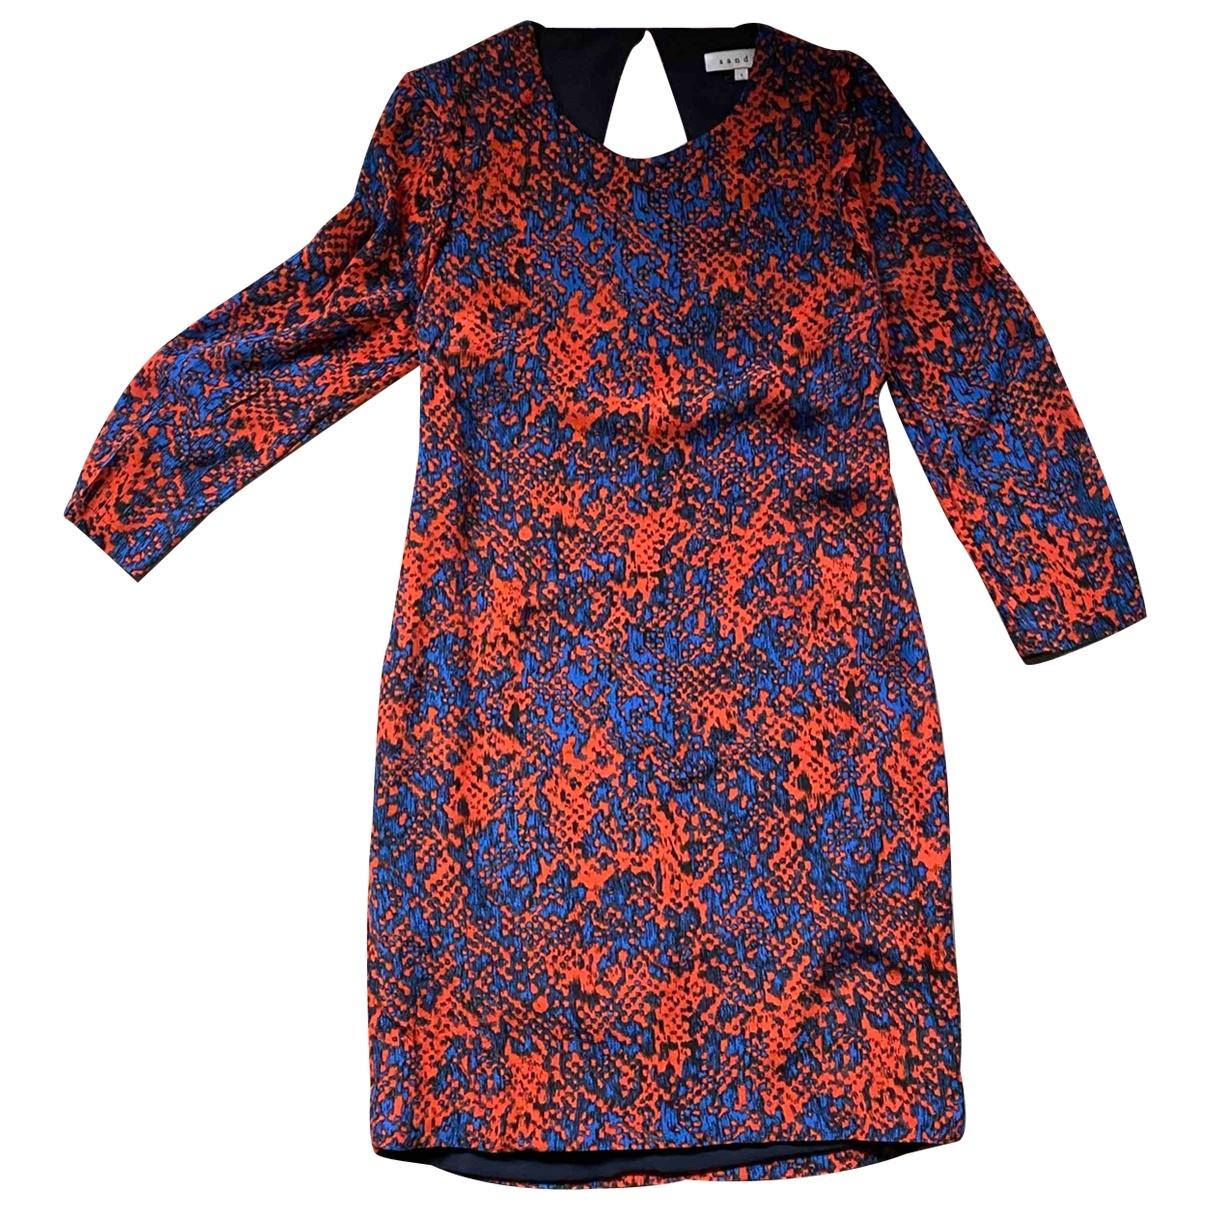 Sandro \N Orange dress for Women 36 FR